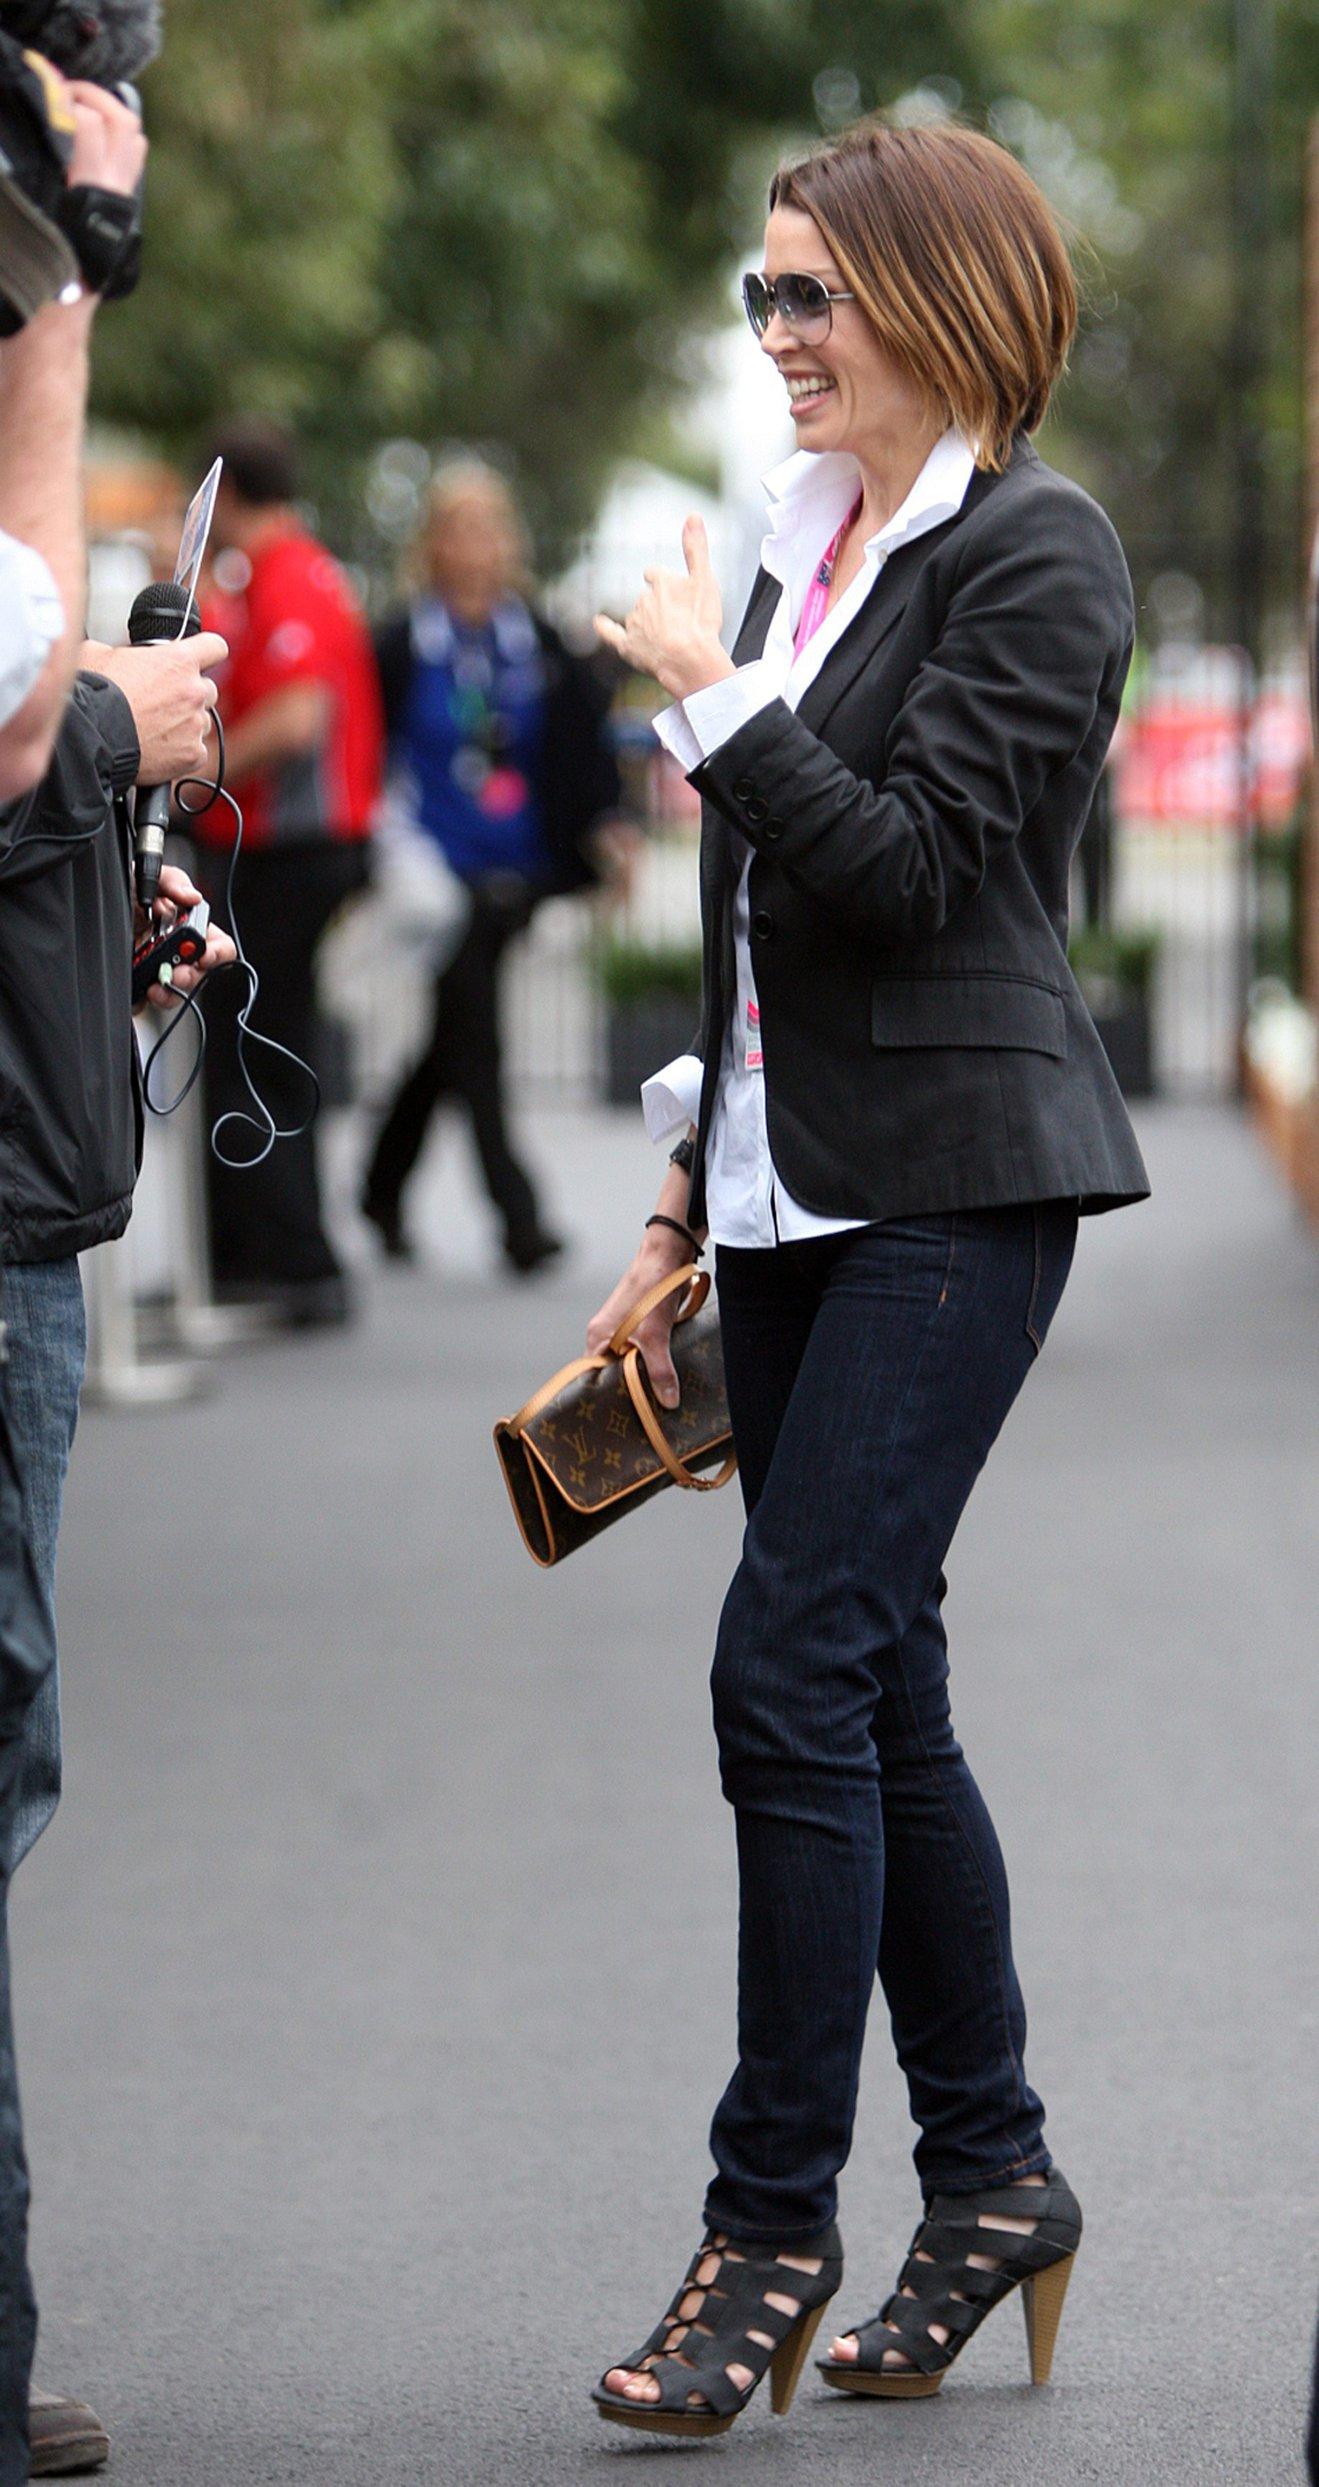 Dannii Minogue at the 2011 Grand Prix in Australia on March 27, 2011